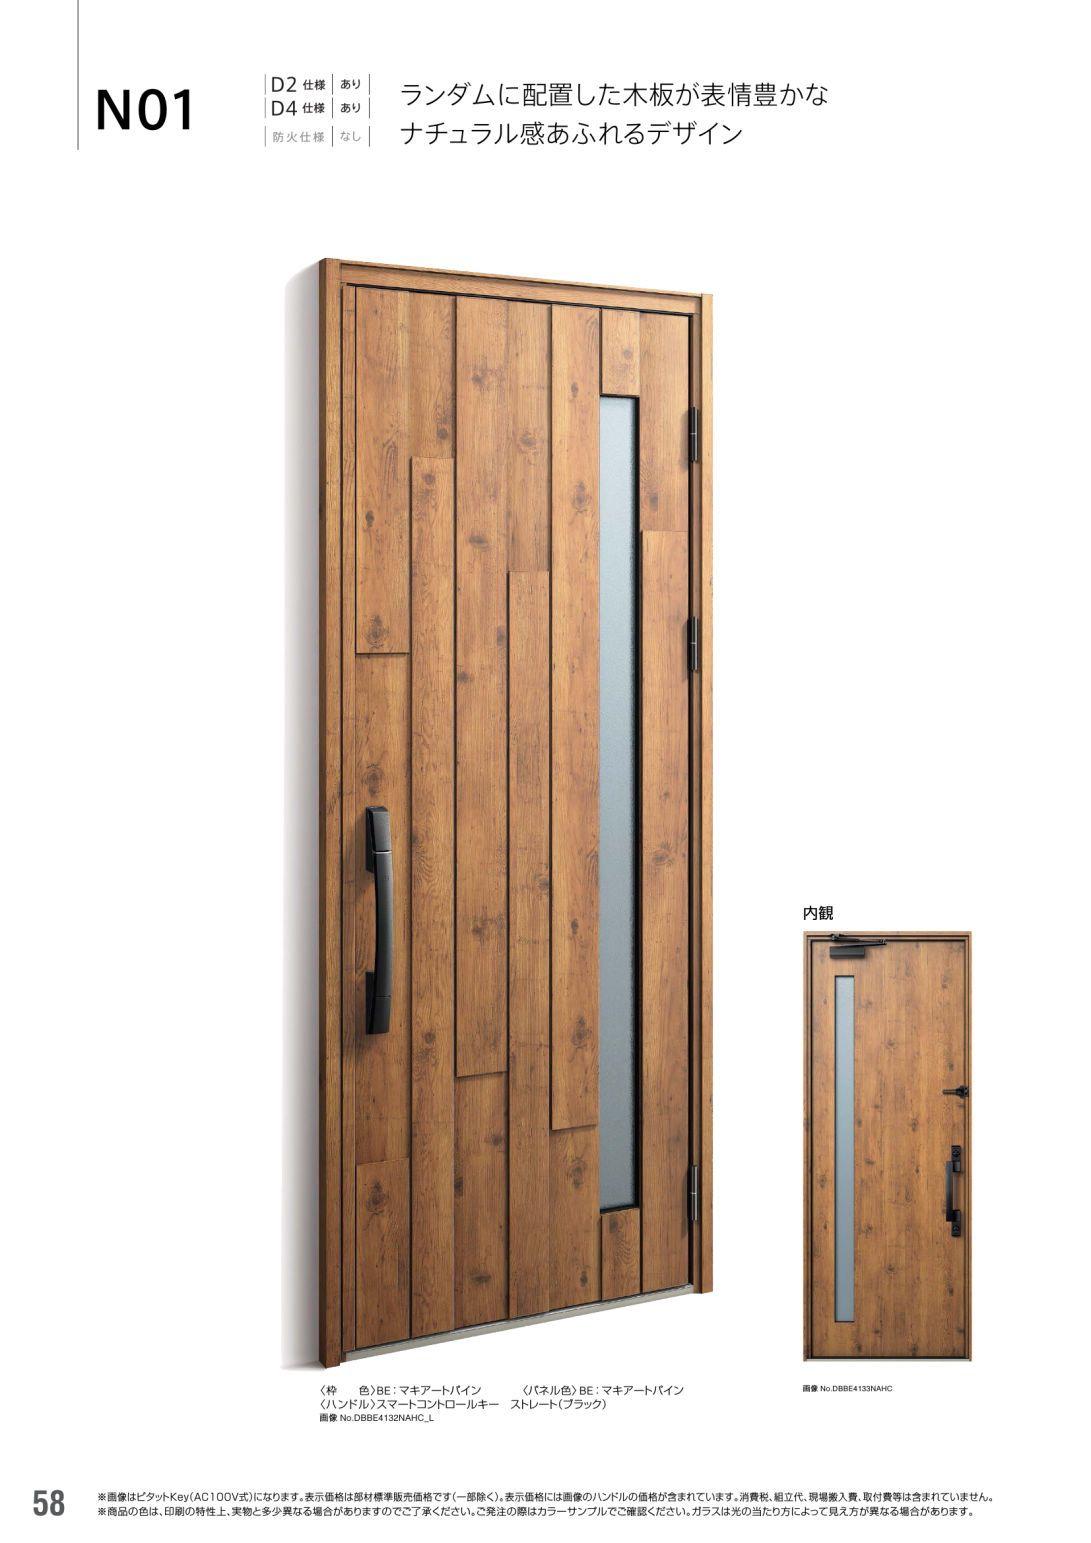 断熱玄関ドア ヴェナート D30 商品カタログ カタログビュー 玄関ドア ヴェナート Ykk 玄関ドア